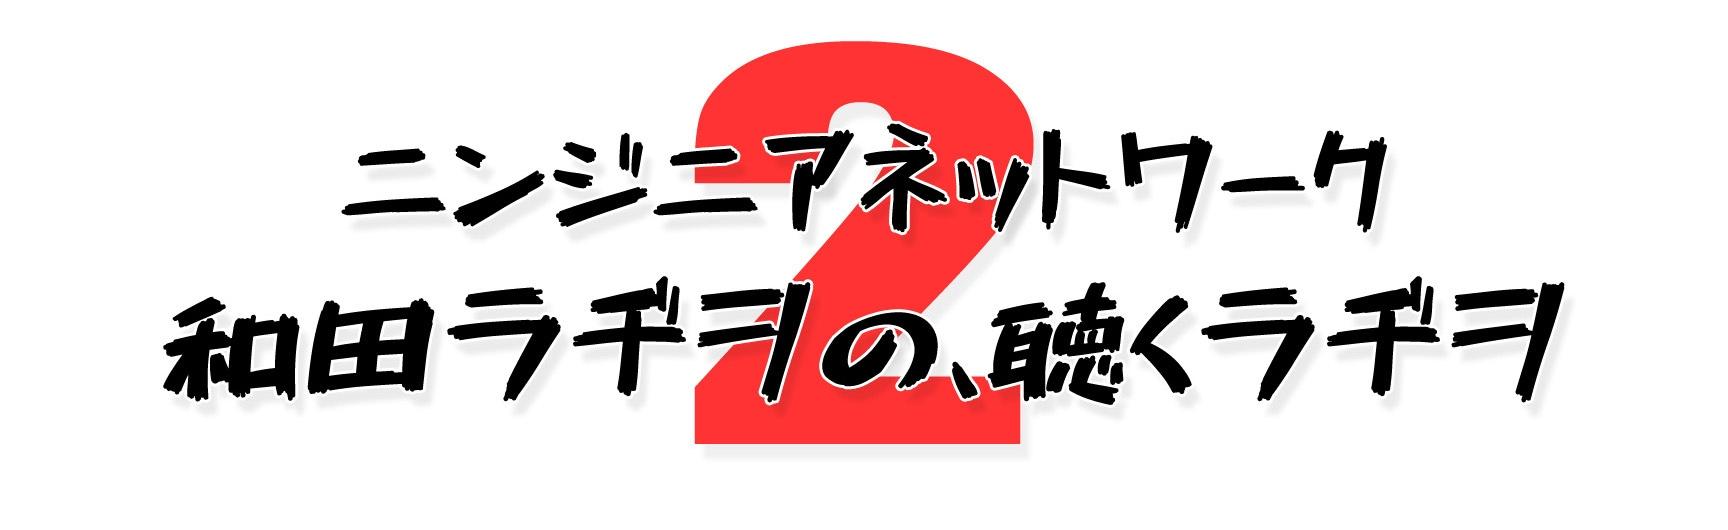 ニンジニアネットワーク 和田ラヂヲの、聴くラヂヲ2